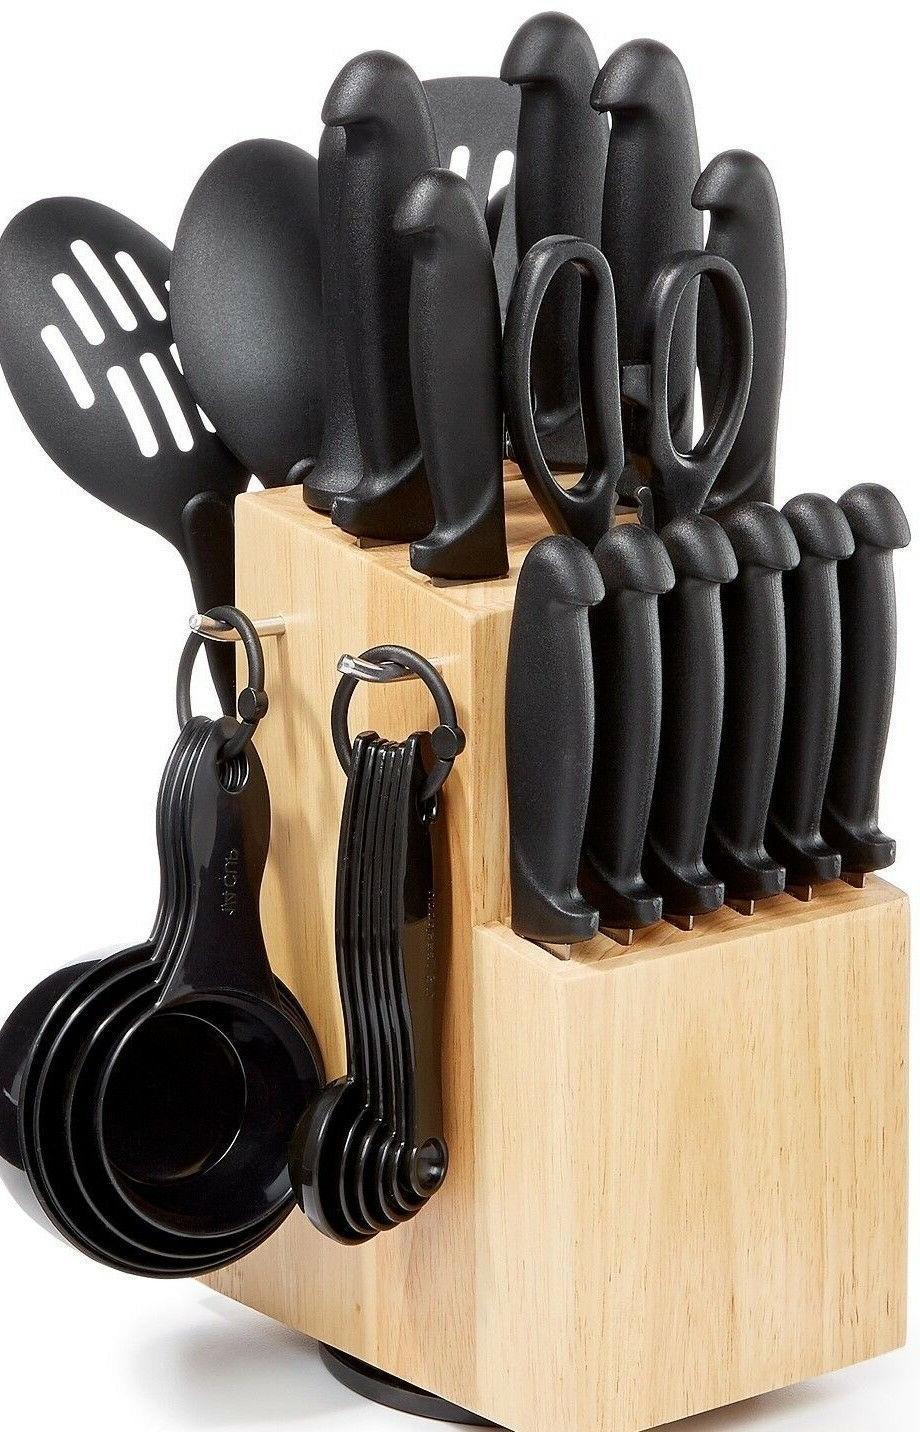 Martha Stewart Essentials  30-Piece Cutlery Set,